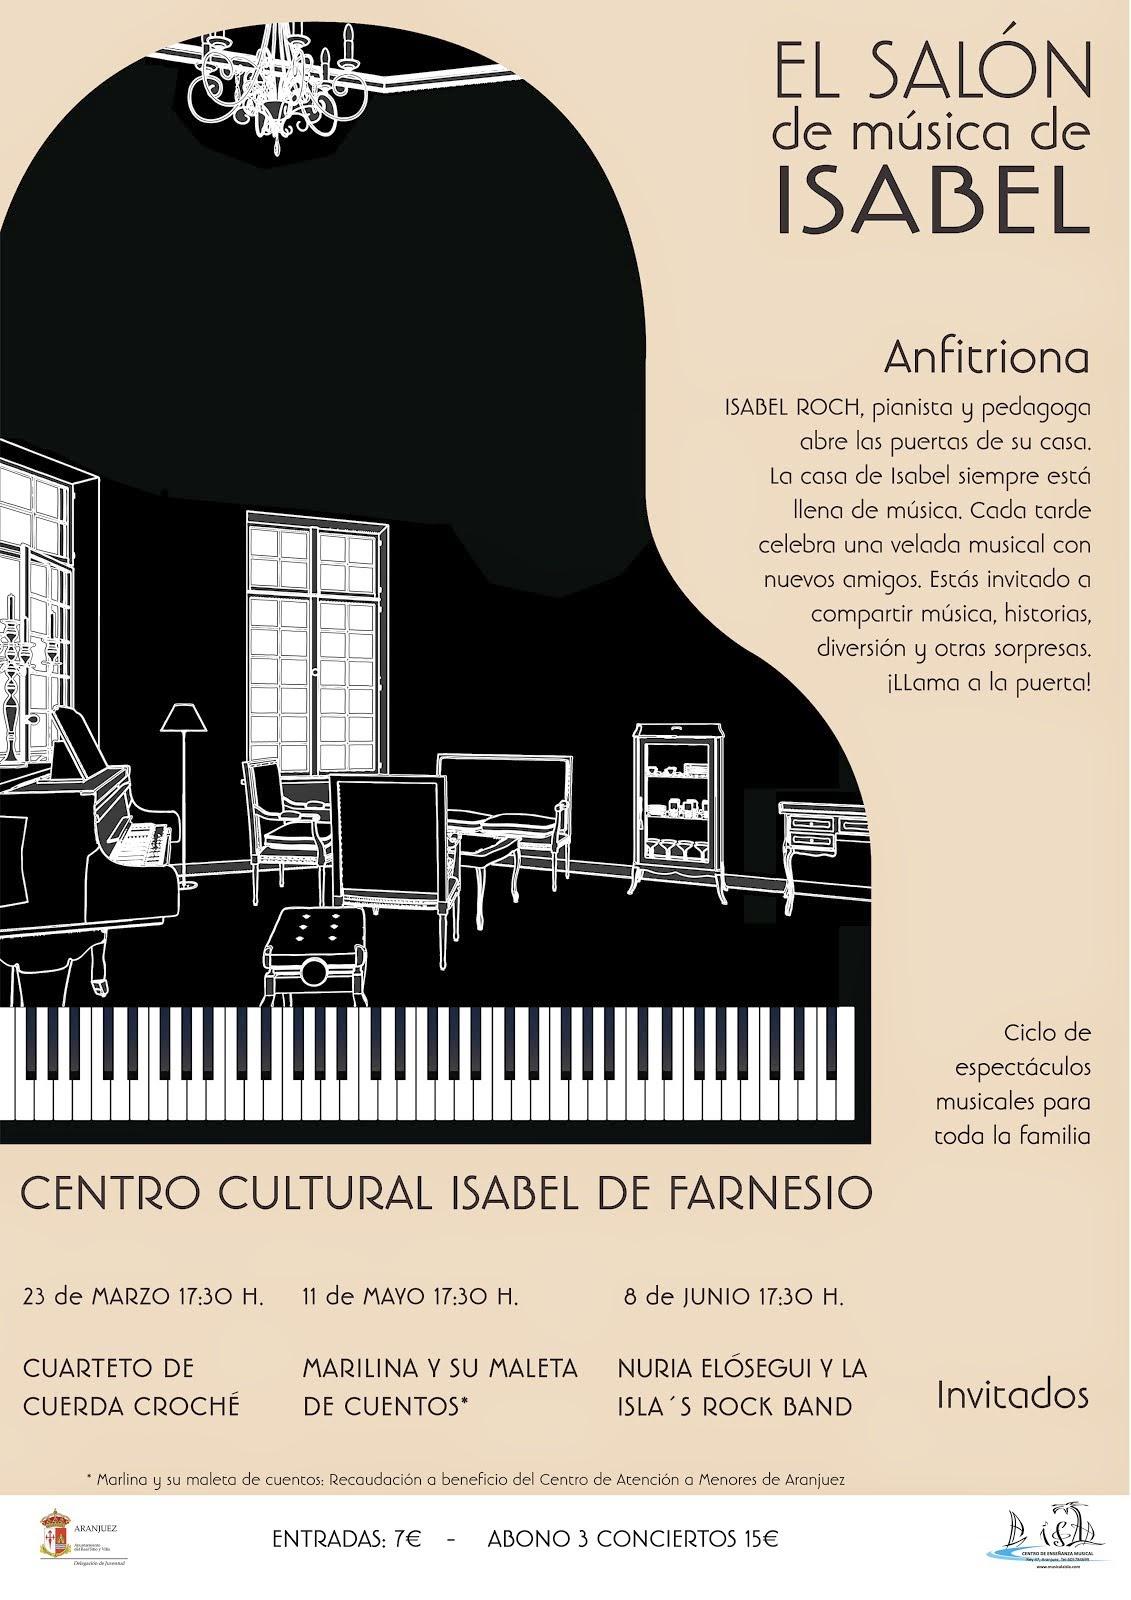 El salón de Música de Isabel